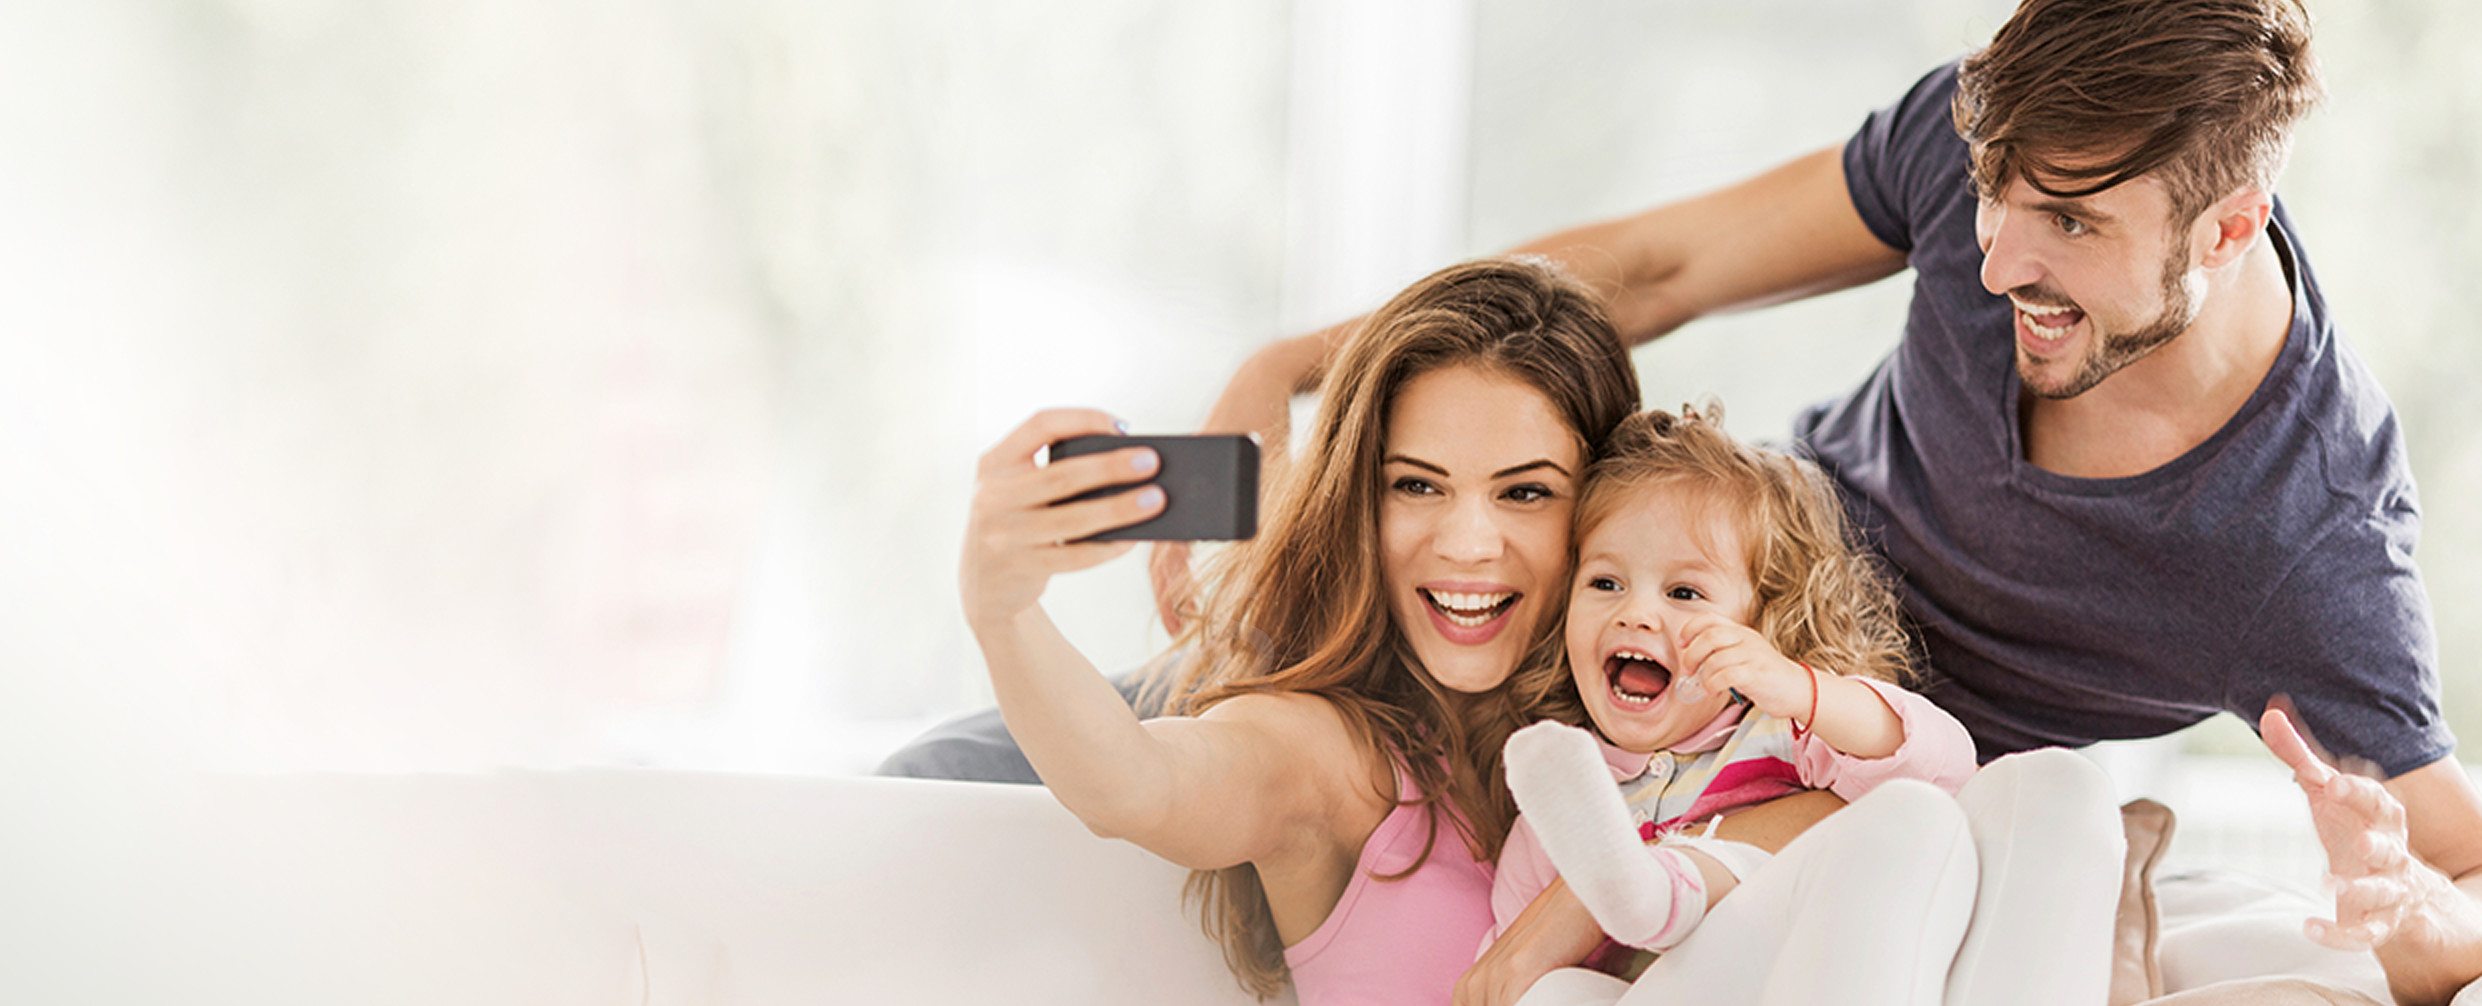 Junge Familie macht ein Selfie